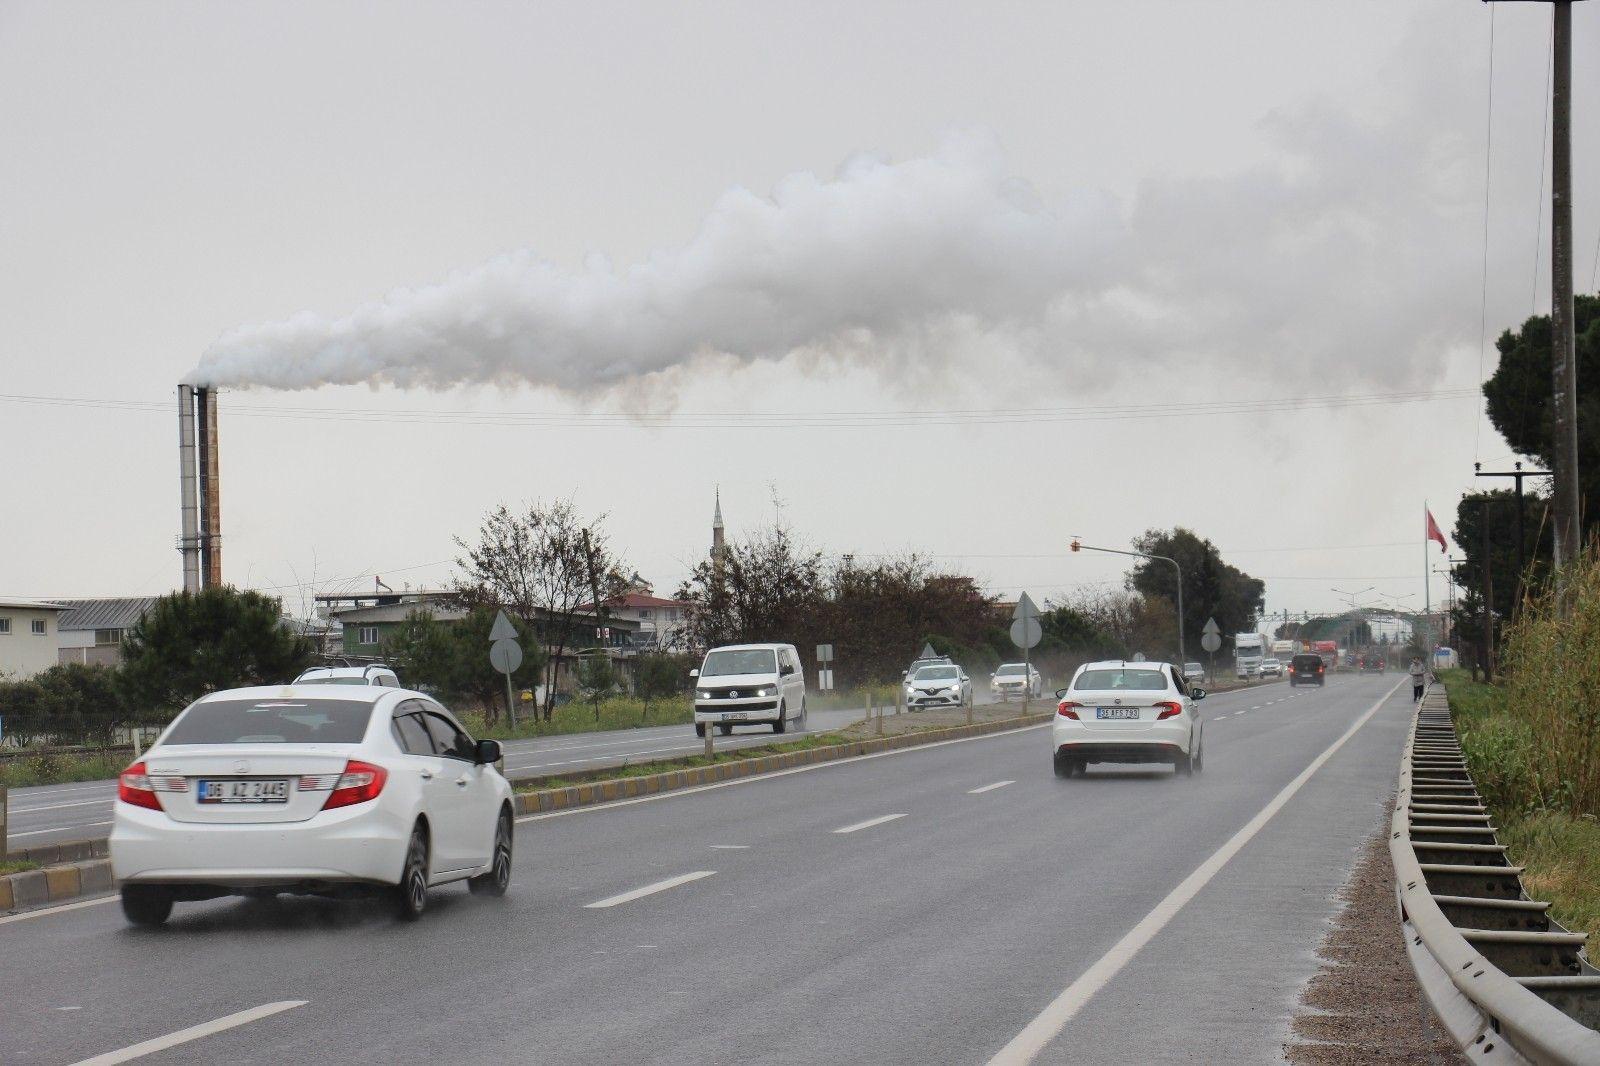 2021/04/bu-dumanlar-ilceyi-rahatsiz-ediyor-20210409AW29-1.jpg